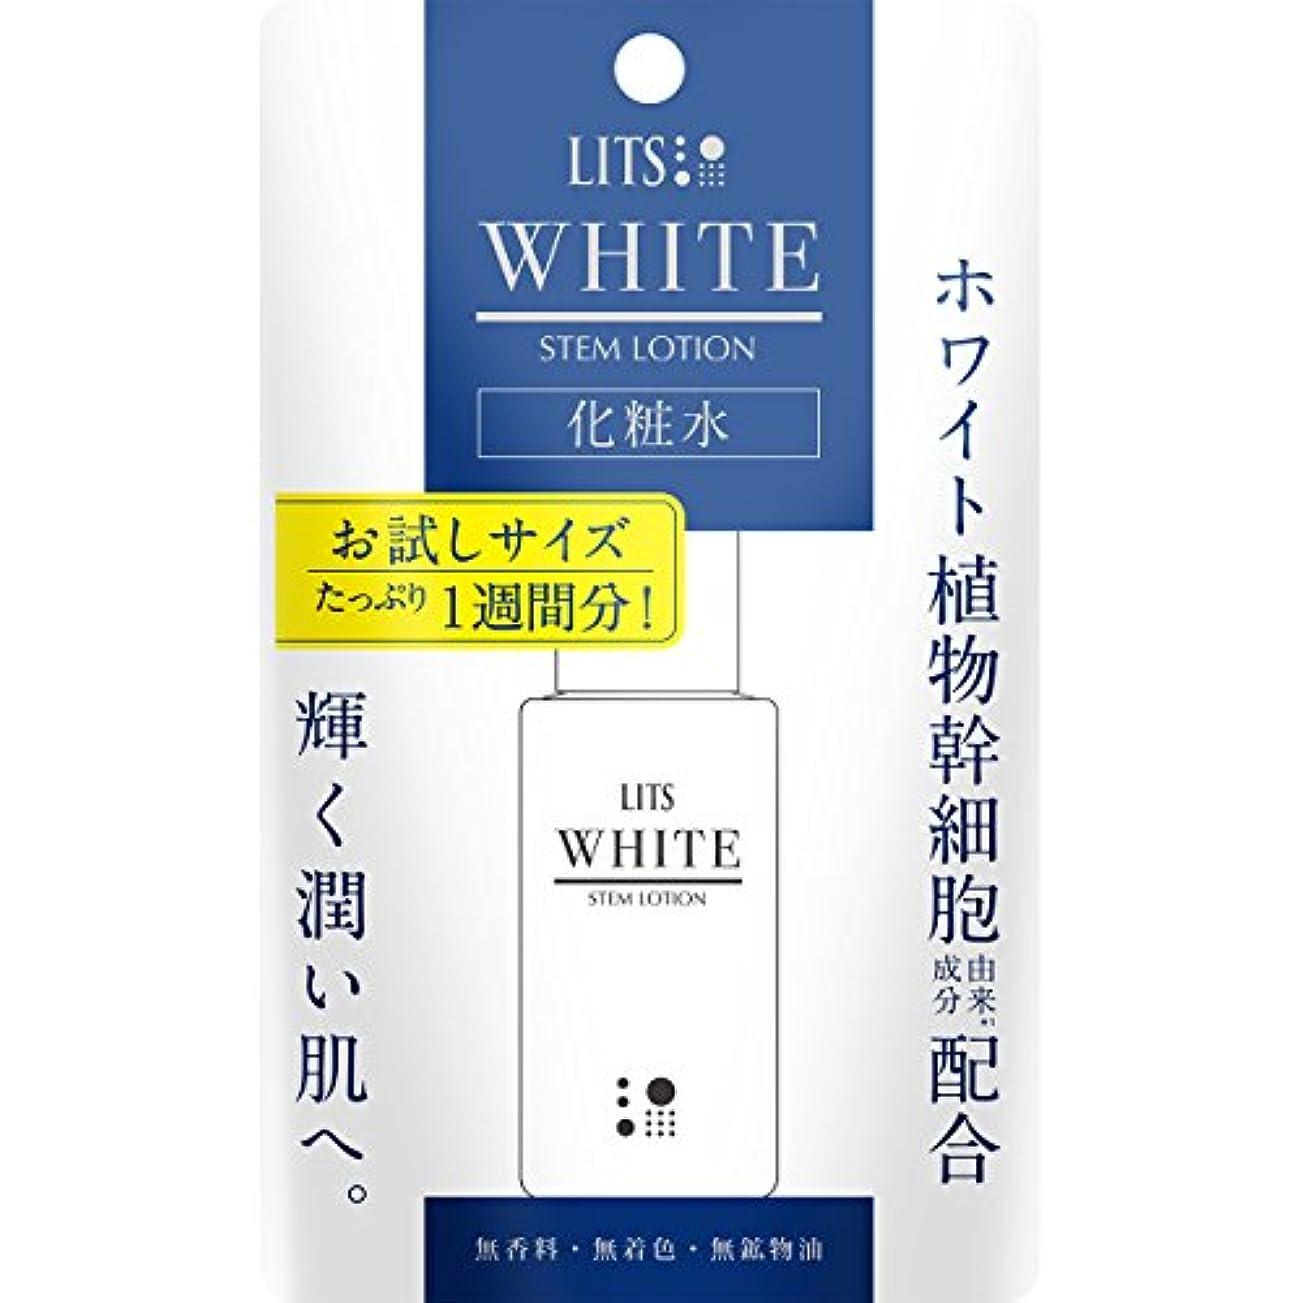 悲惨なスピーカーみすぼらしいリッツ ホワイト ステム ローション ミニ (美白 化粧水) 30ml